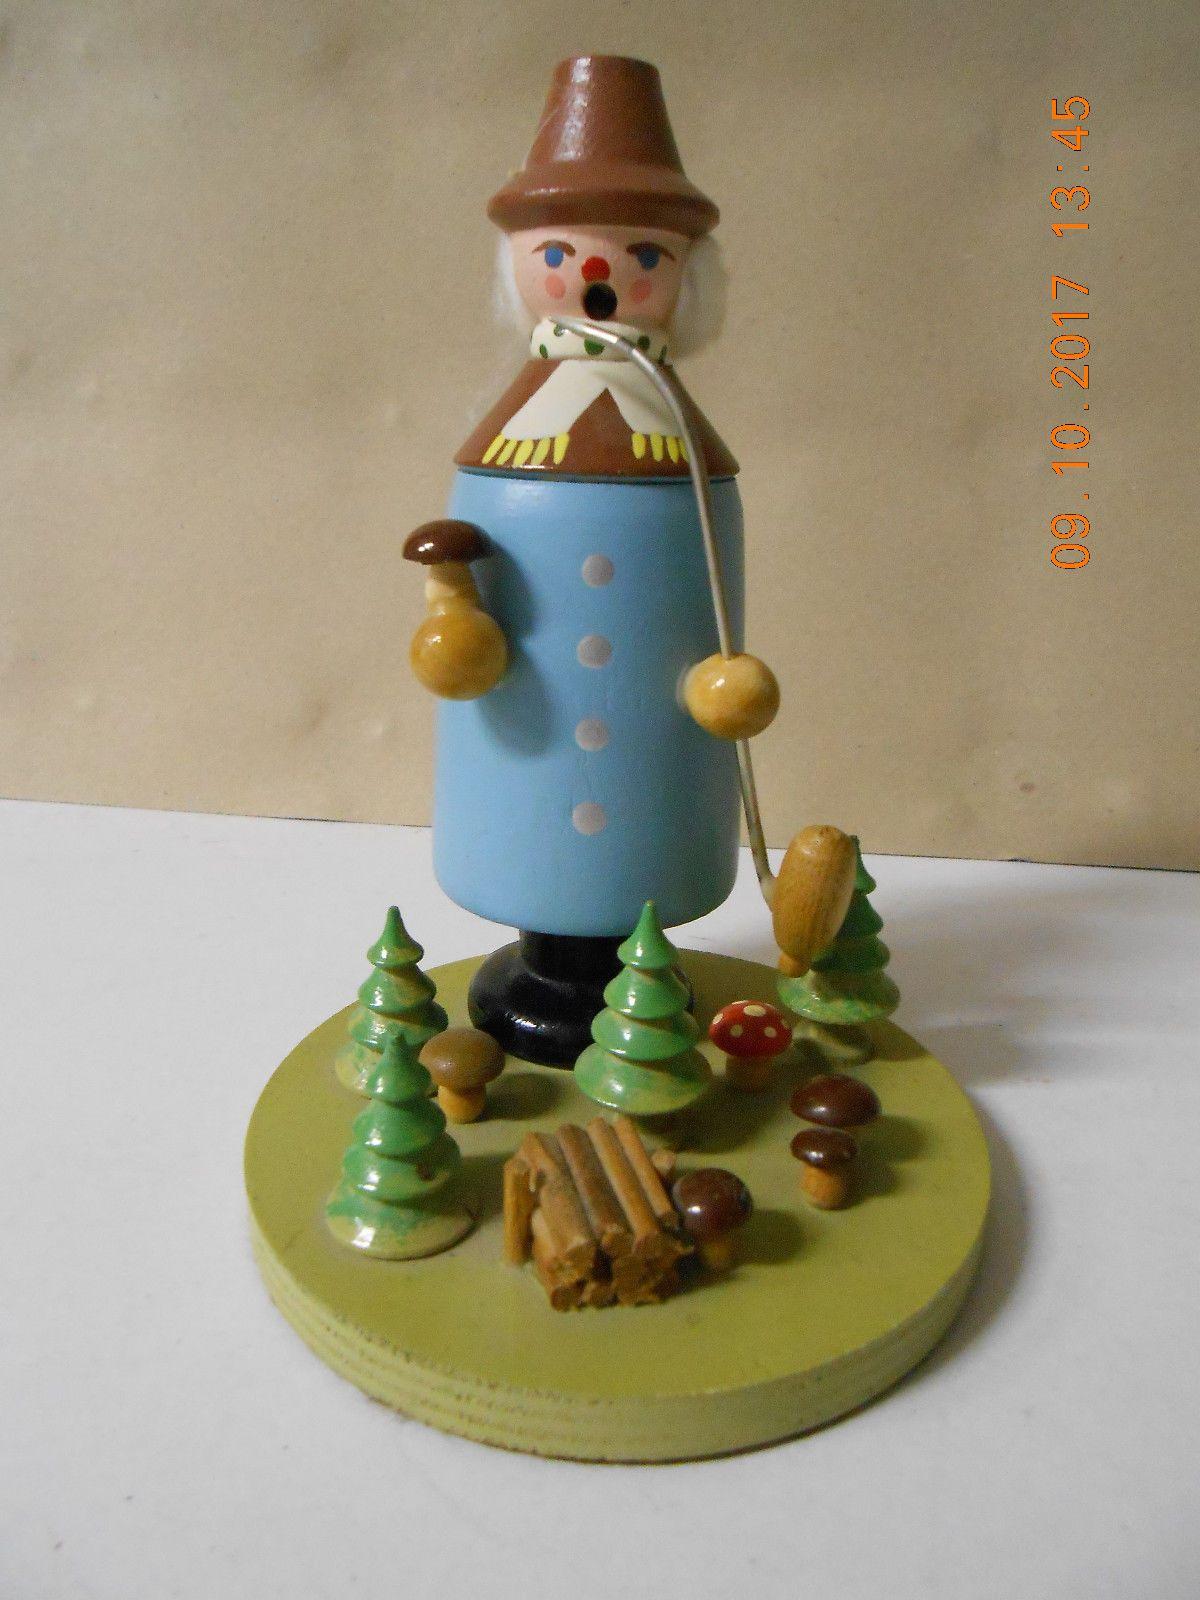 Weihnachtsdeko Seiffen.Räuchermännchen Weihnachtsdeko Seiffen Antiquitäten Kunst